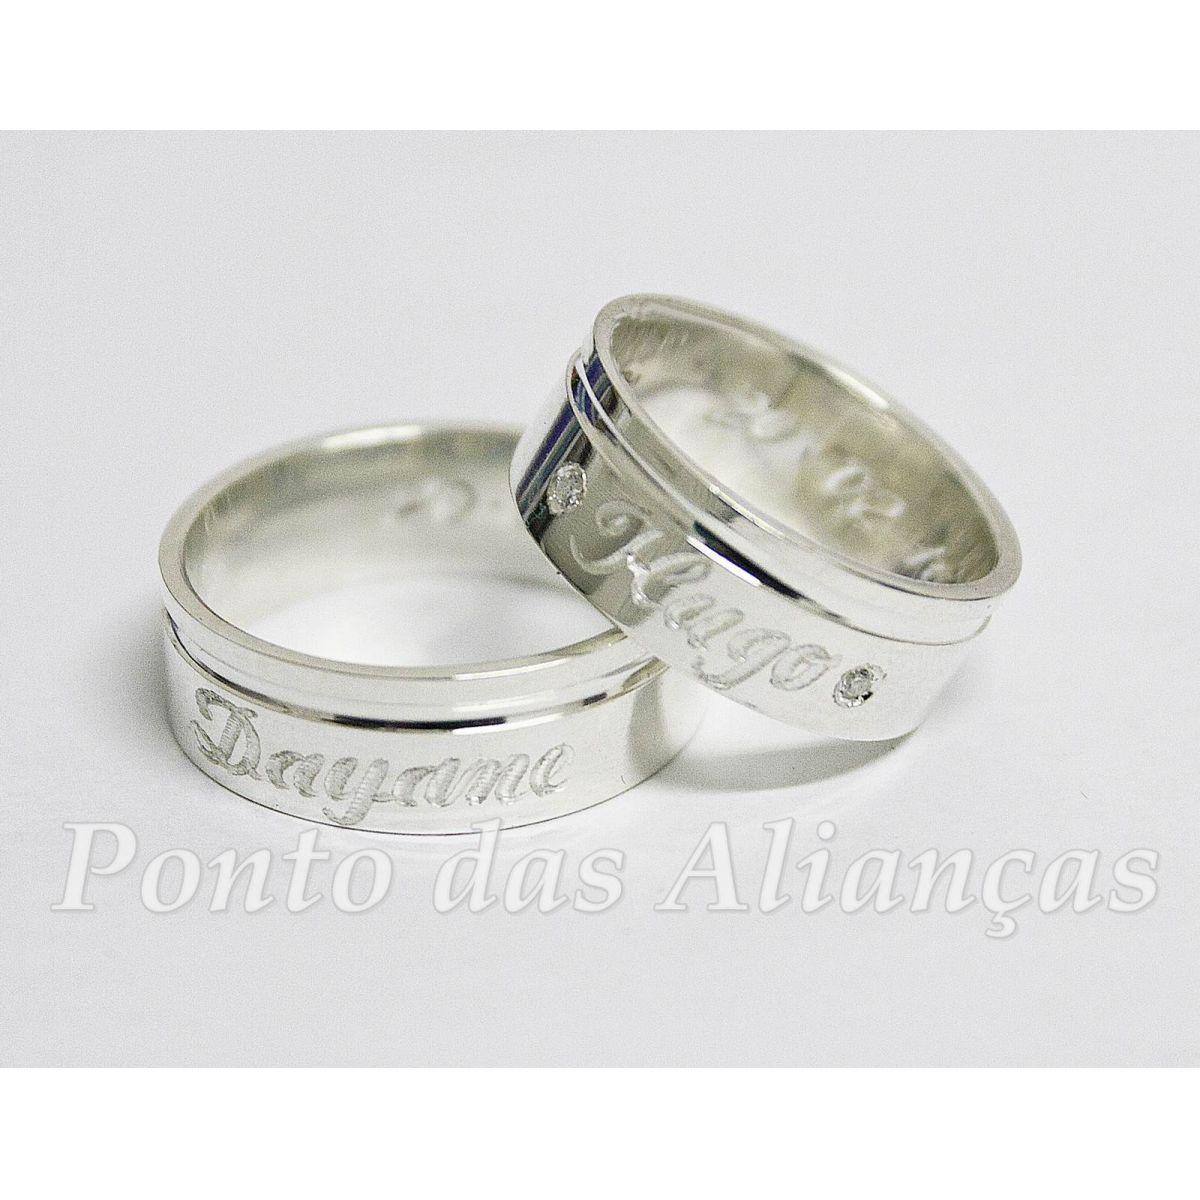 Alianças de Prata Compromisso - 1005